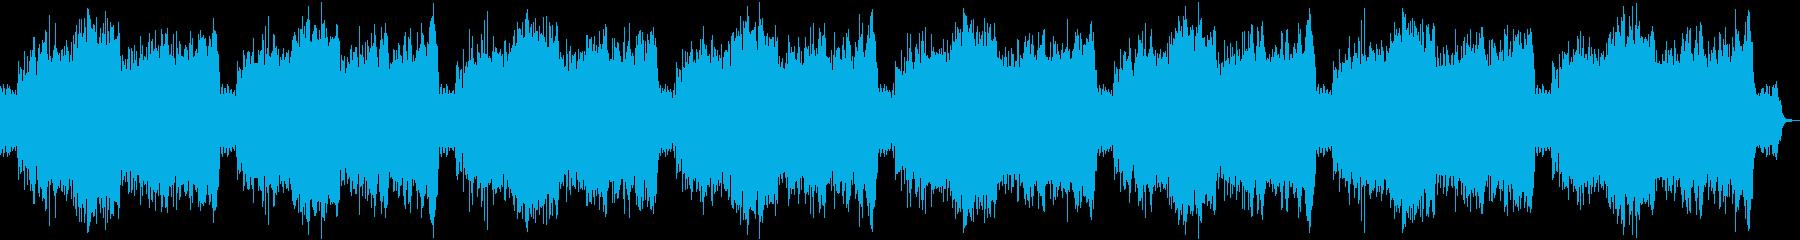 企業VP3 15分16bit44kVerの再生済みの波形